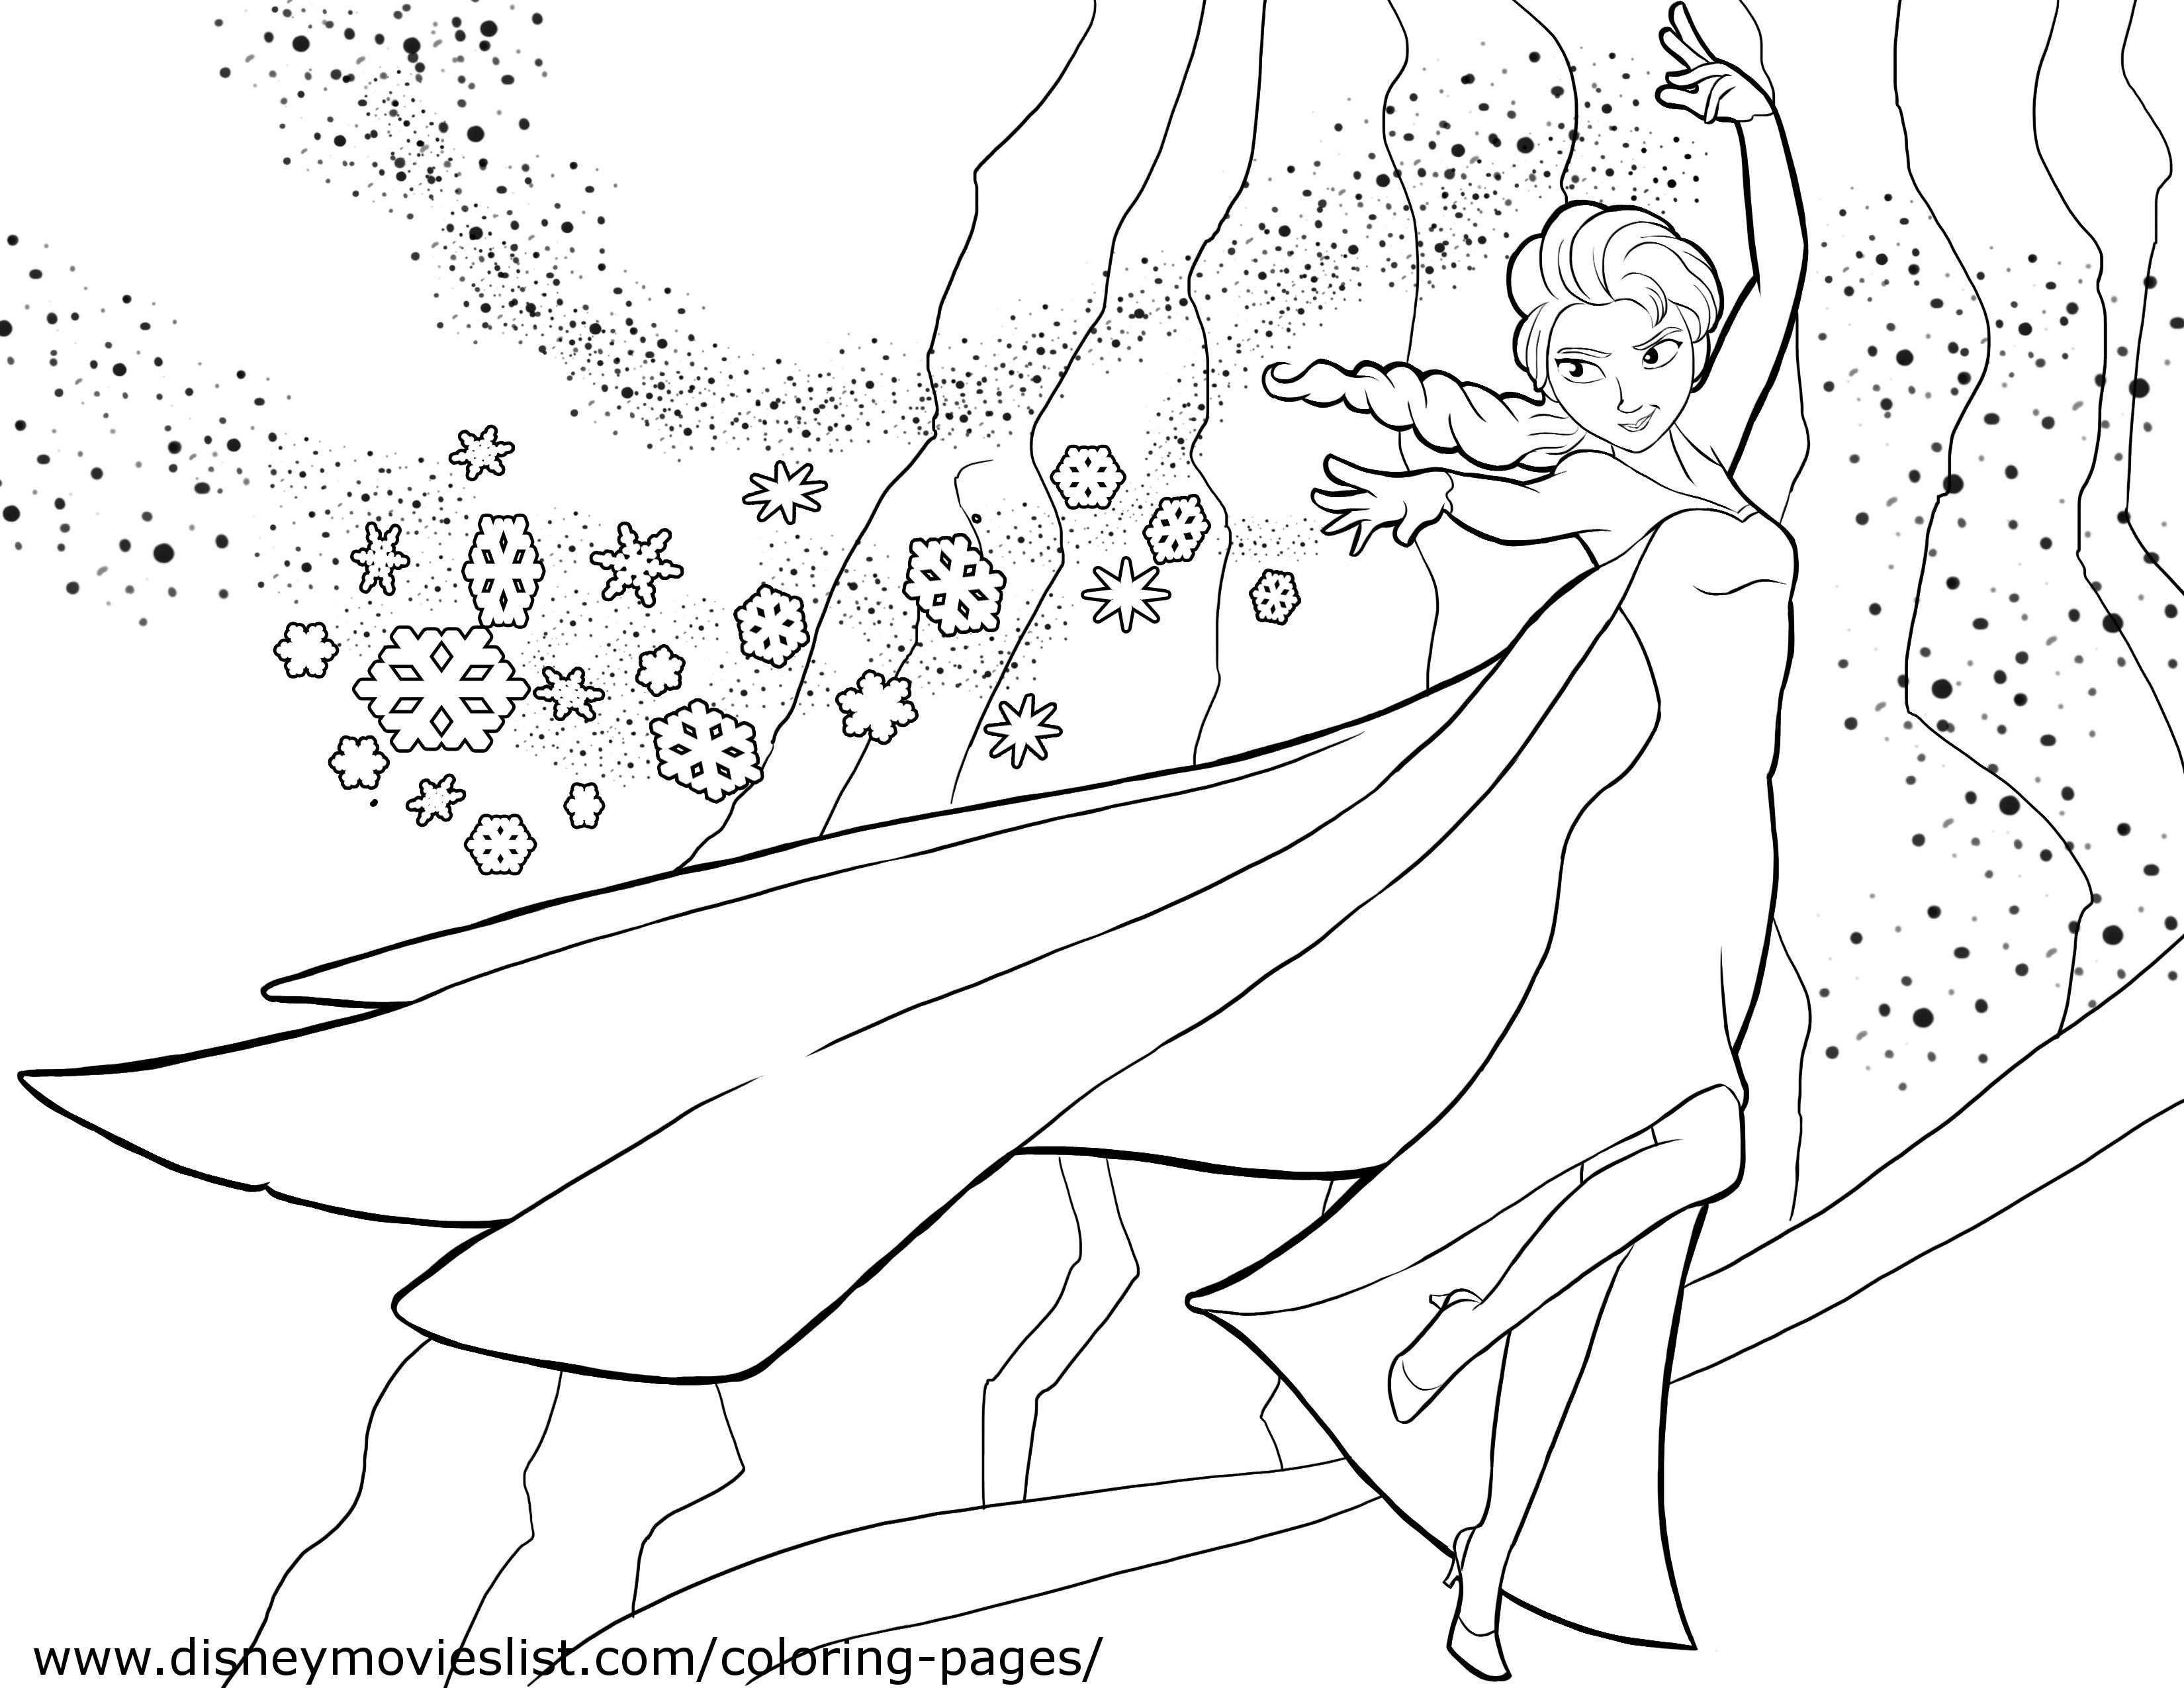 Disney S Frozen Coloring Pages Free Disney Printable Frozen Color